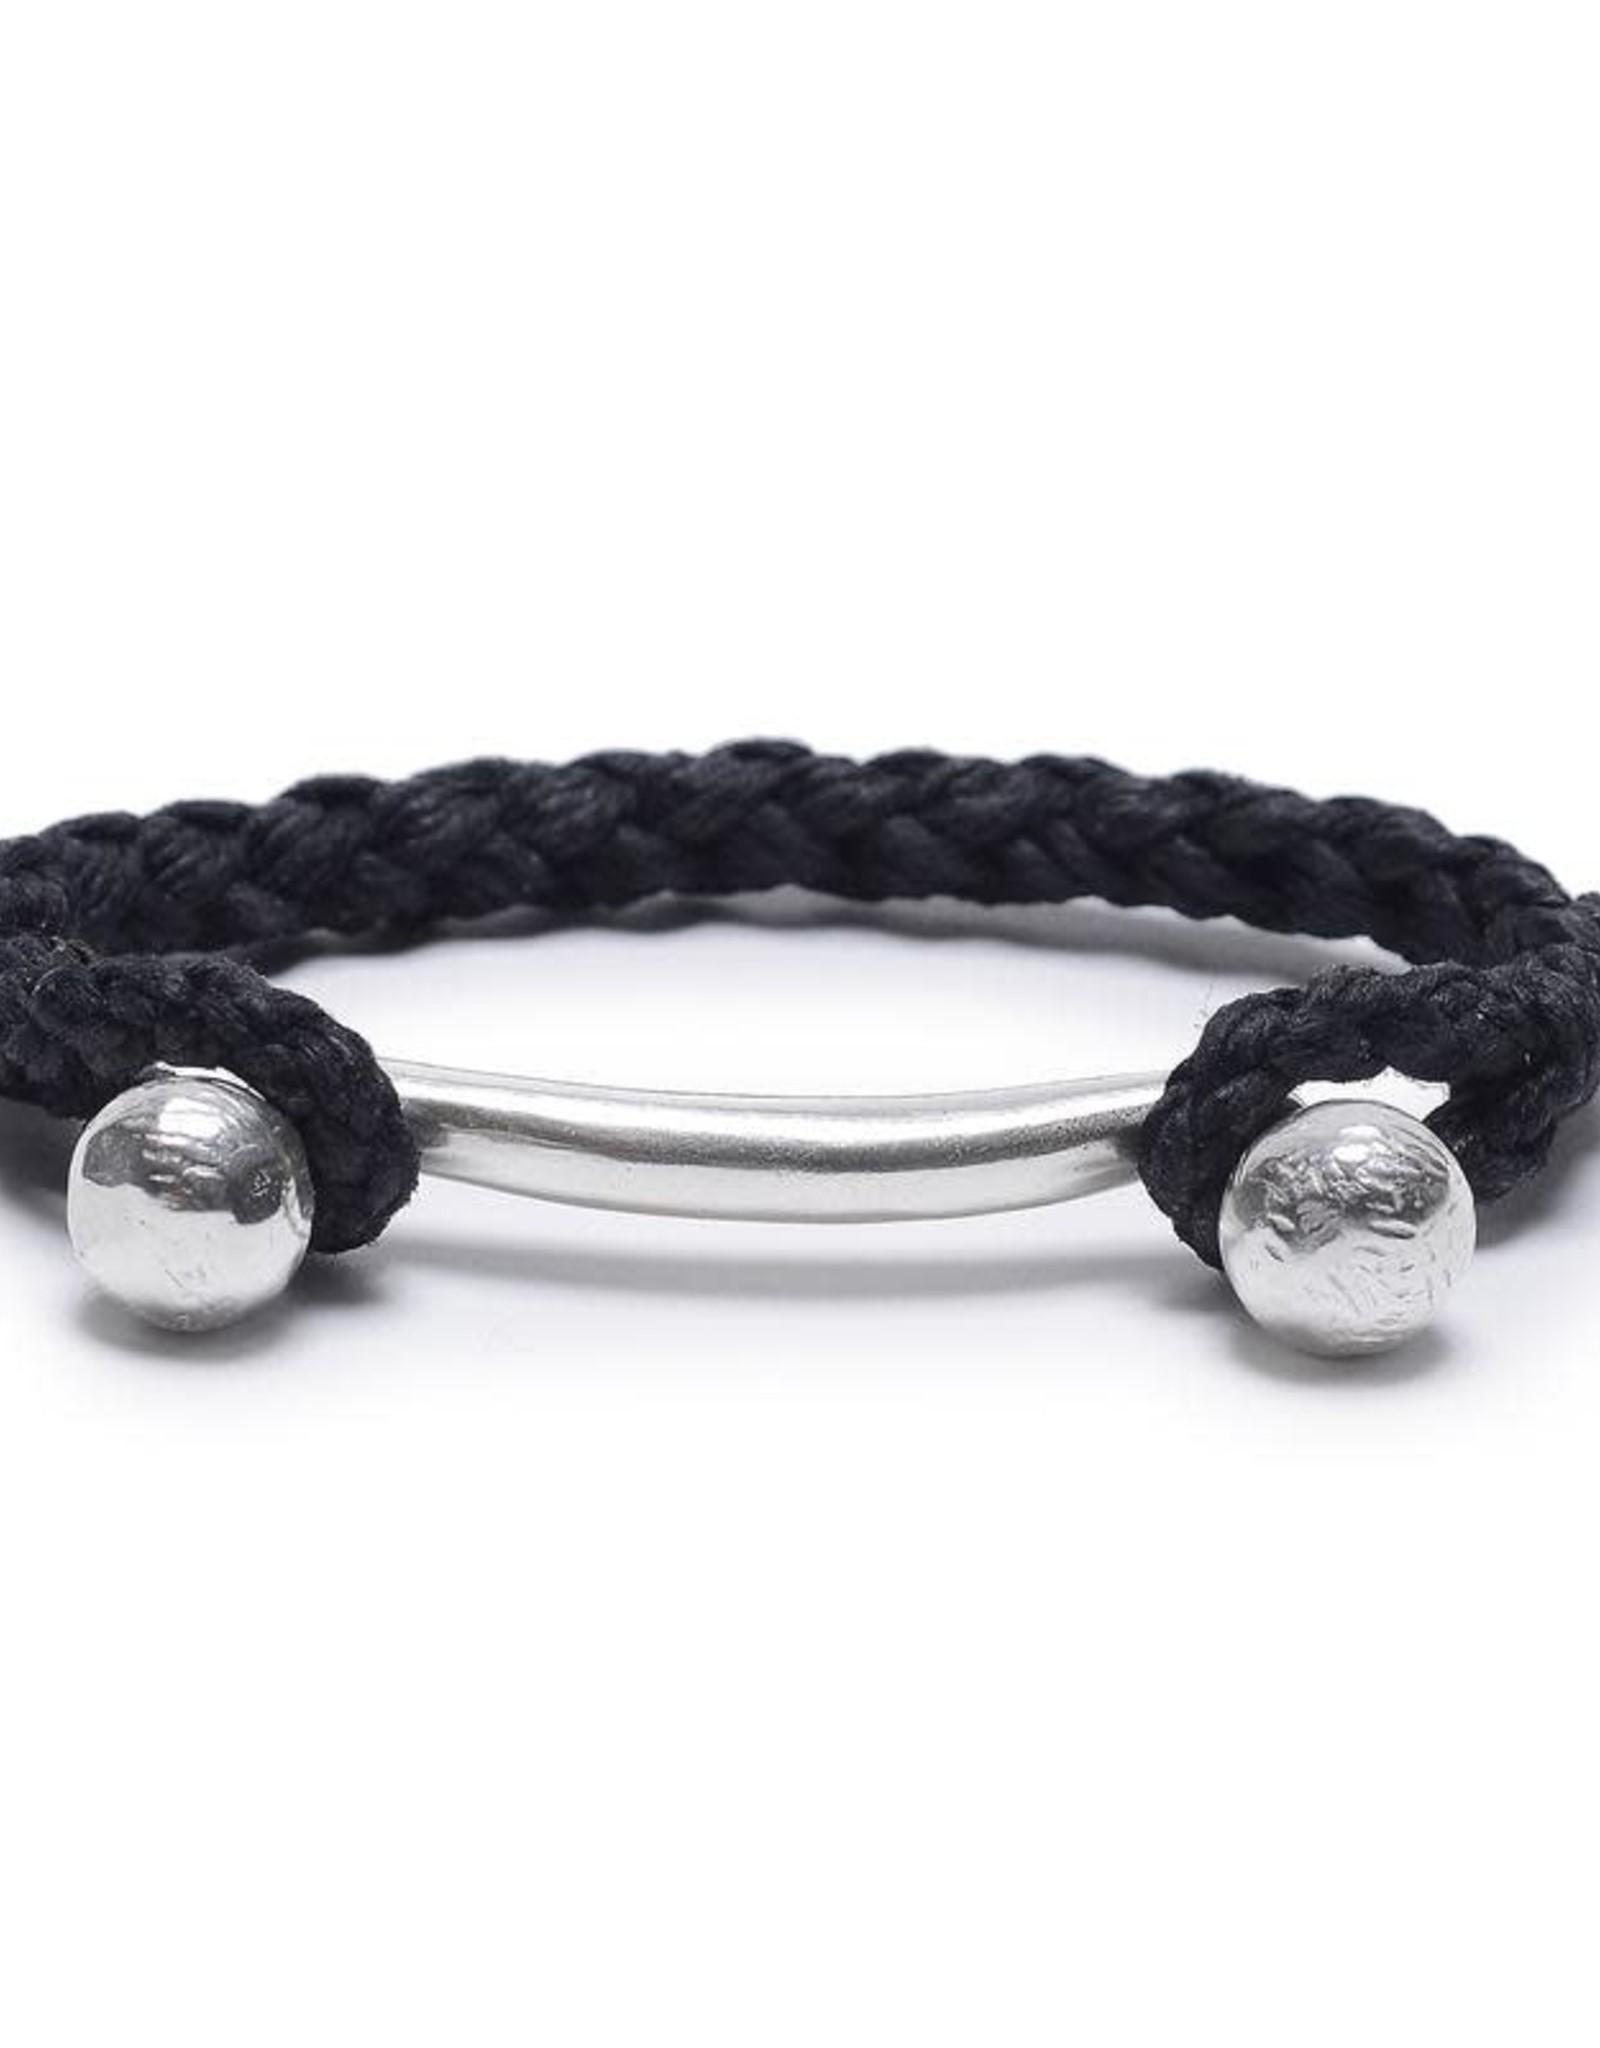 Scosha Rope Braid Silver Cuff - Black